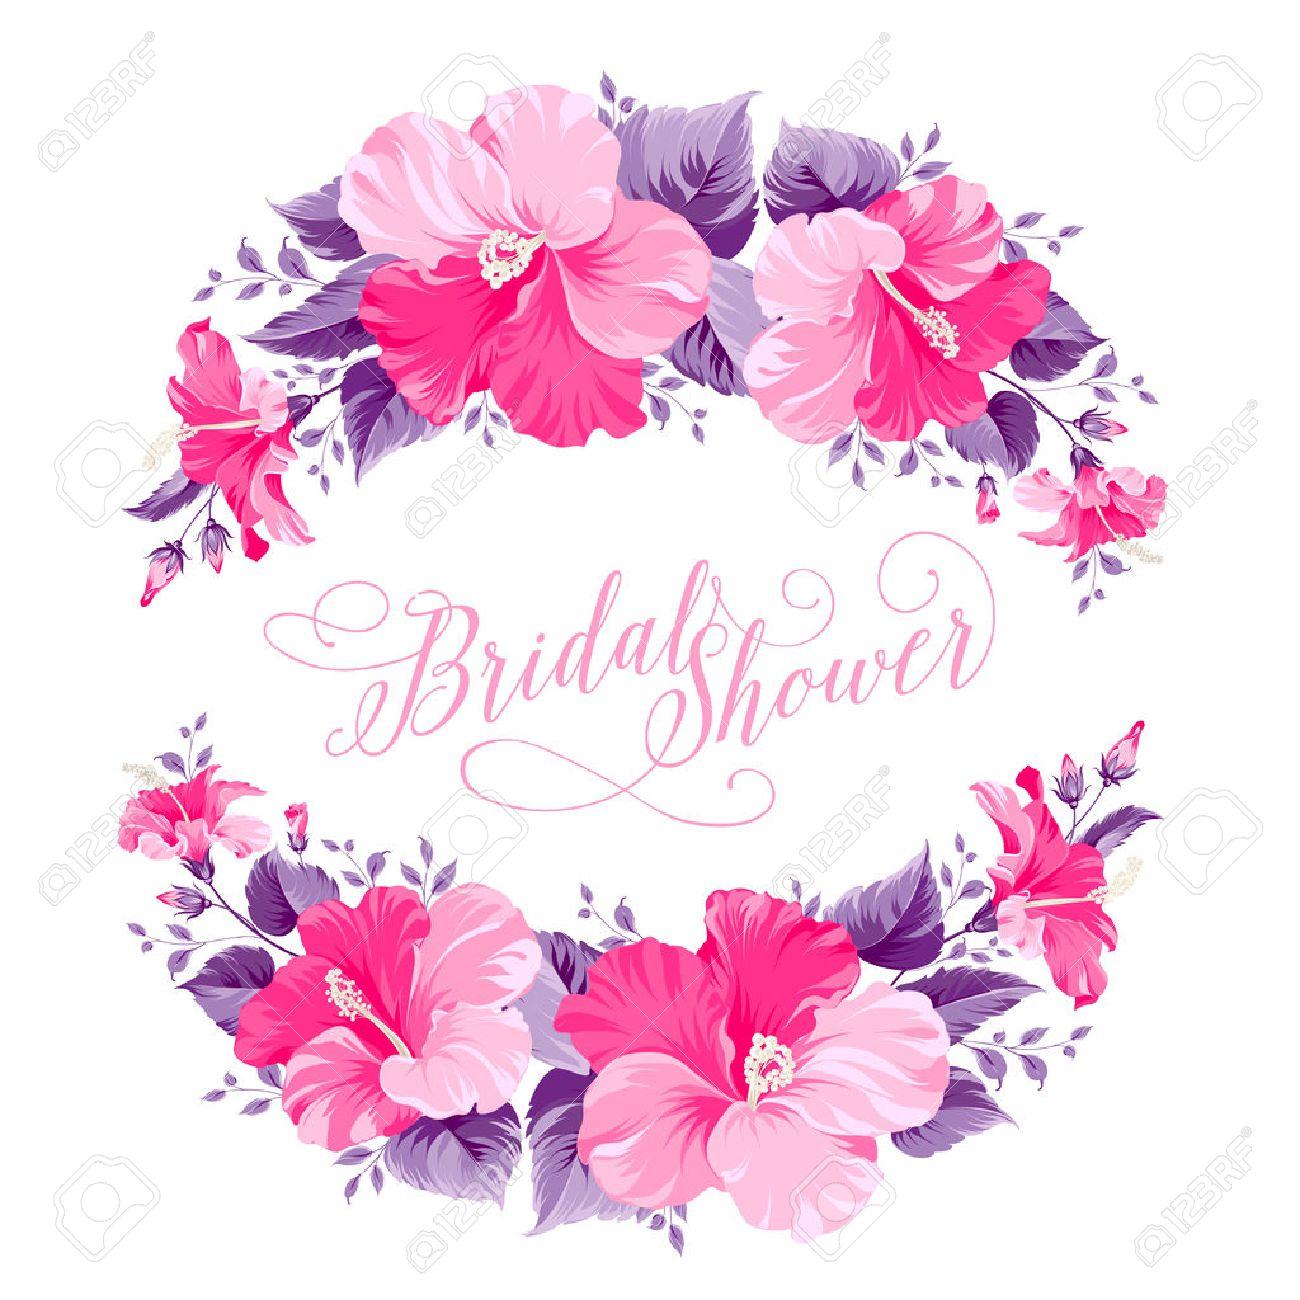 banque dimages hibiscus rouge couronne de fleurs avec du texte calligraphique pour invitation nuptiale de douche vector illustration